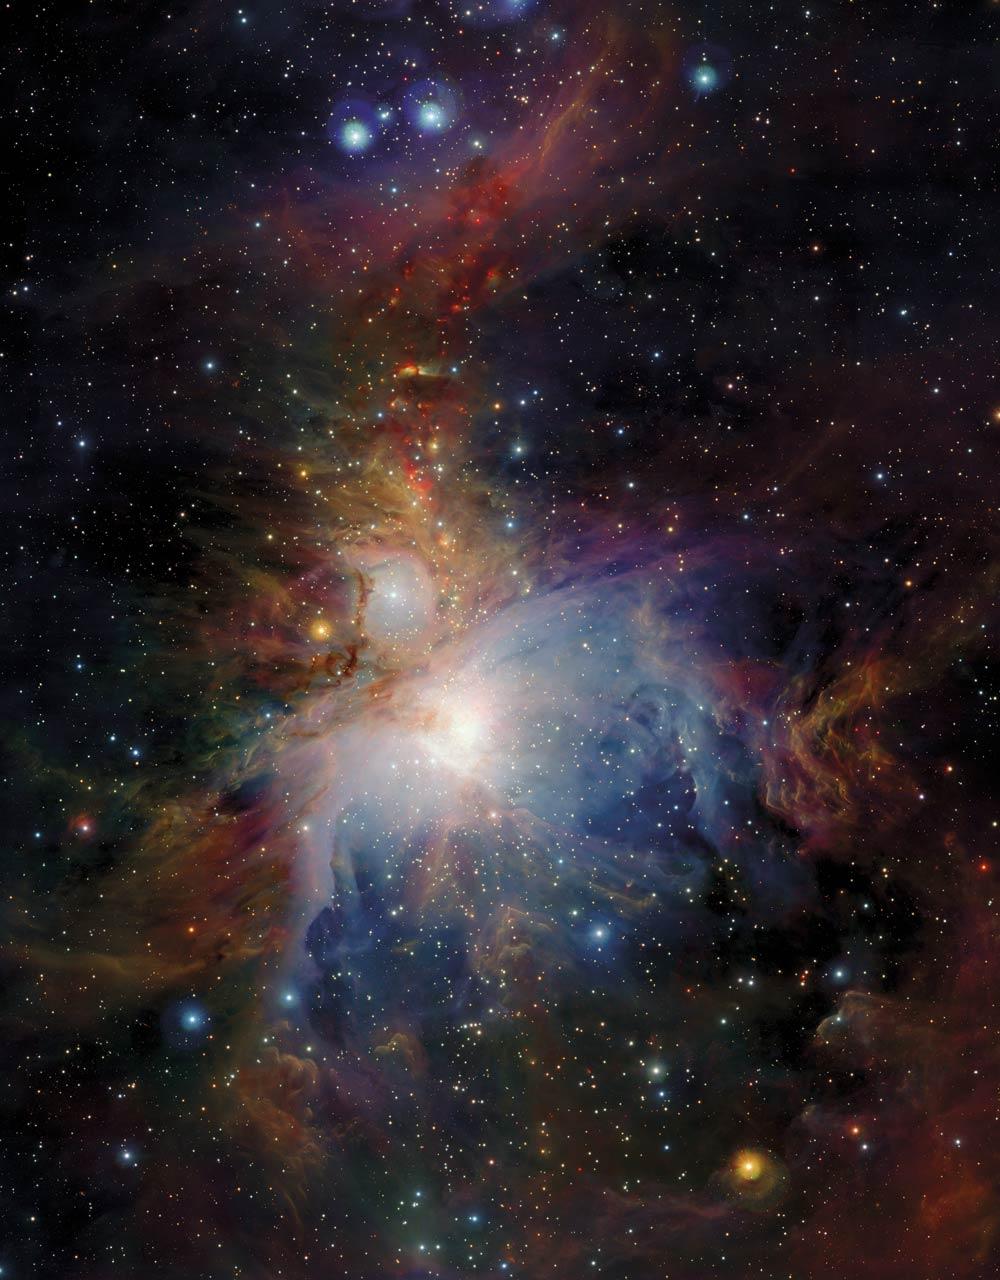 October 1, 2012 - ESO Golden Anniversary